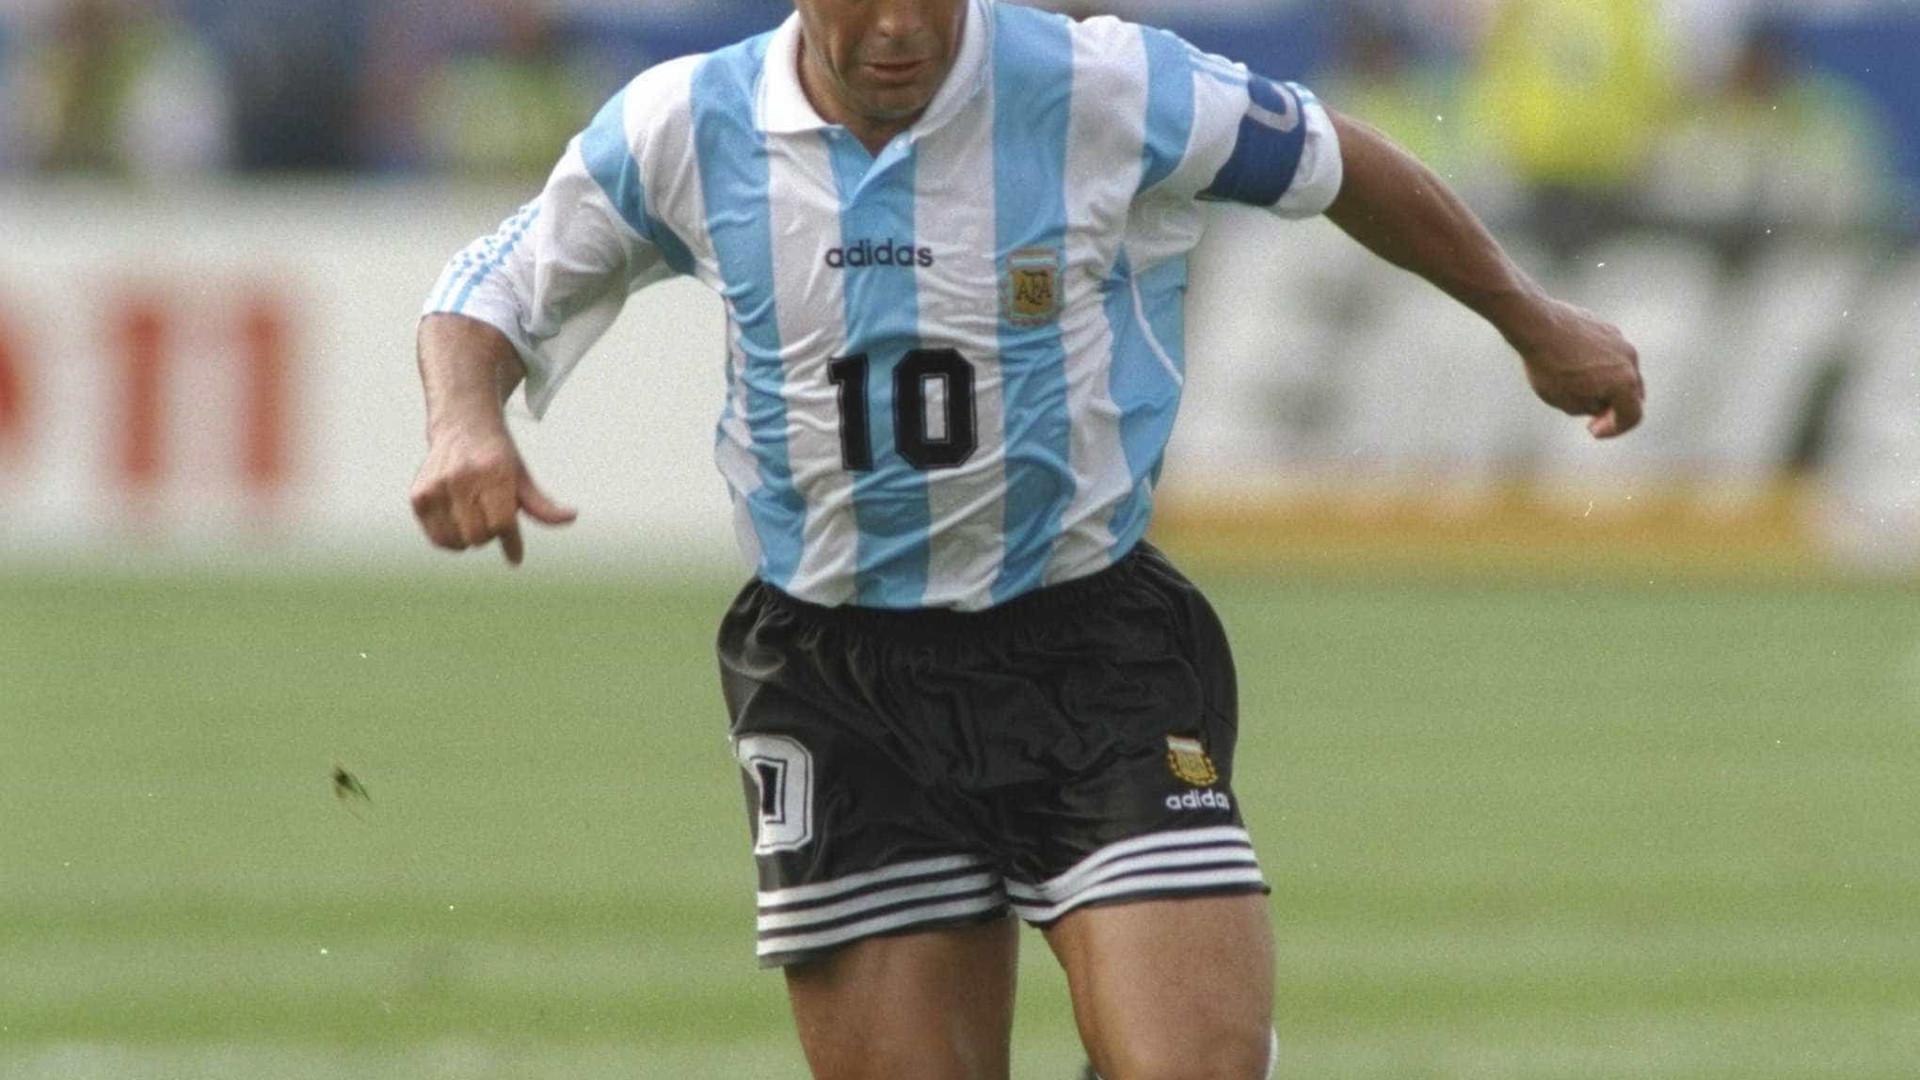 Se Maradona pudesse ser outro jogador, qual seria? O próprio explica